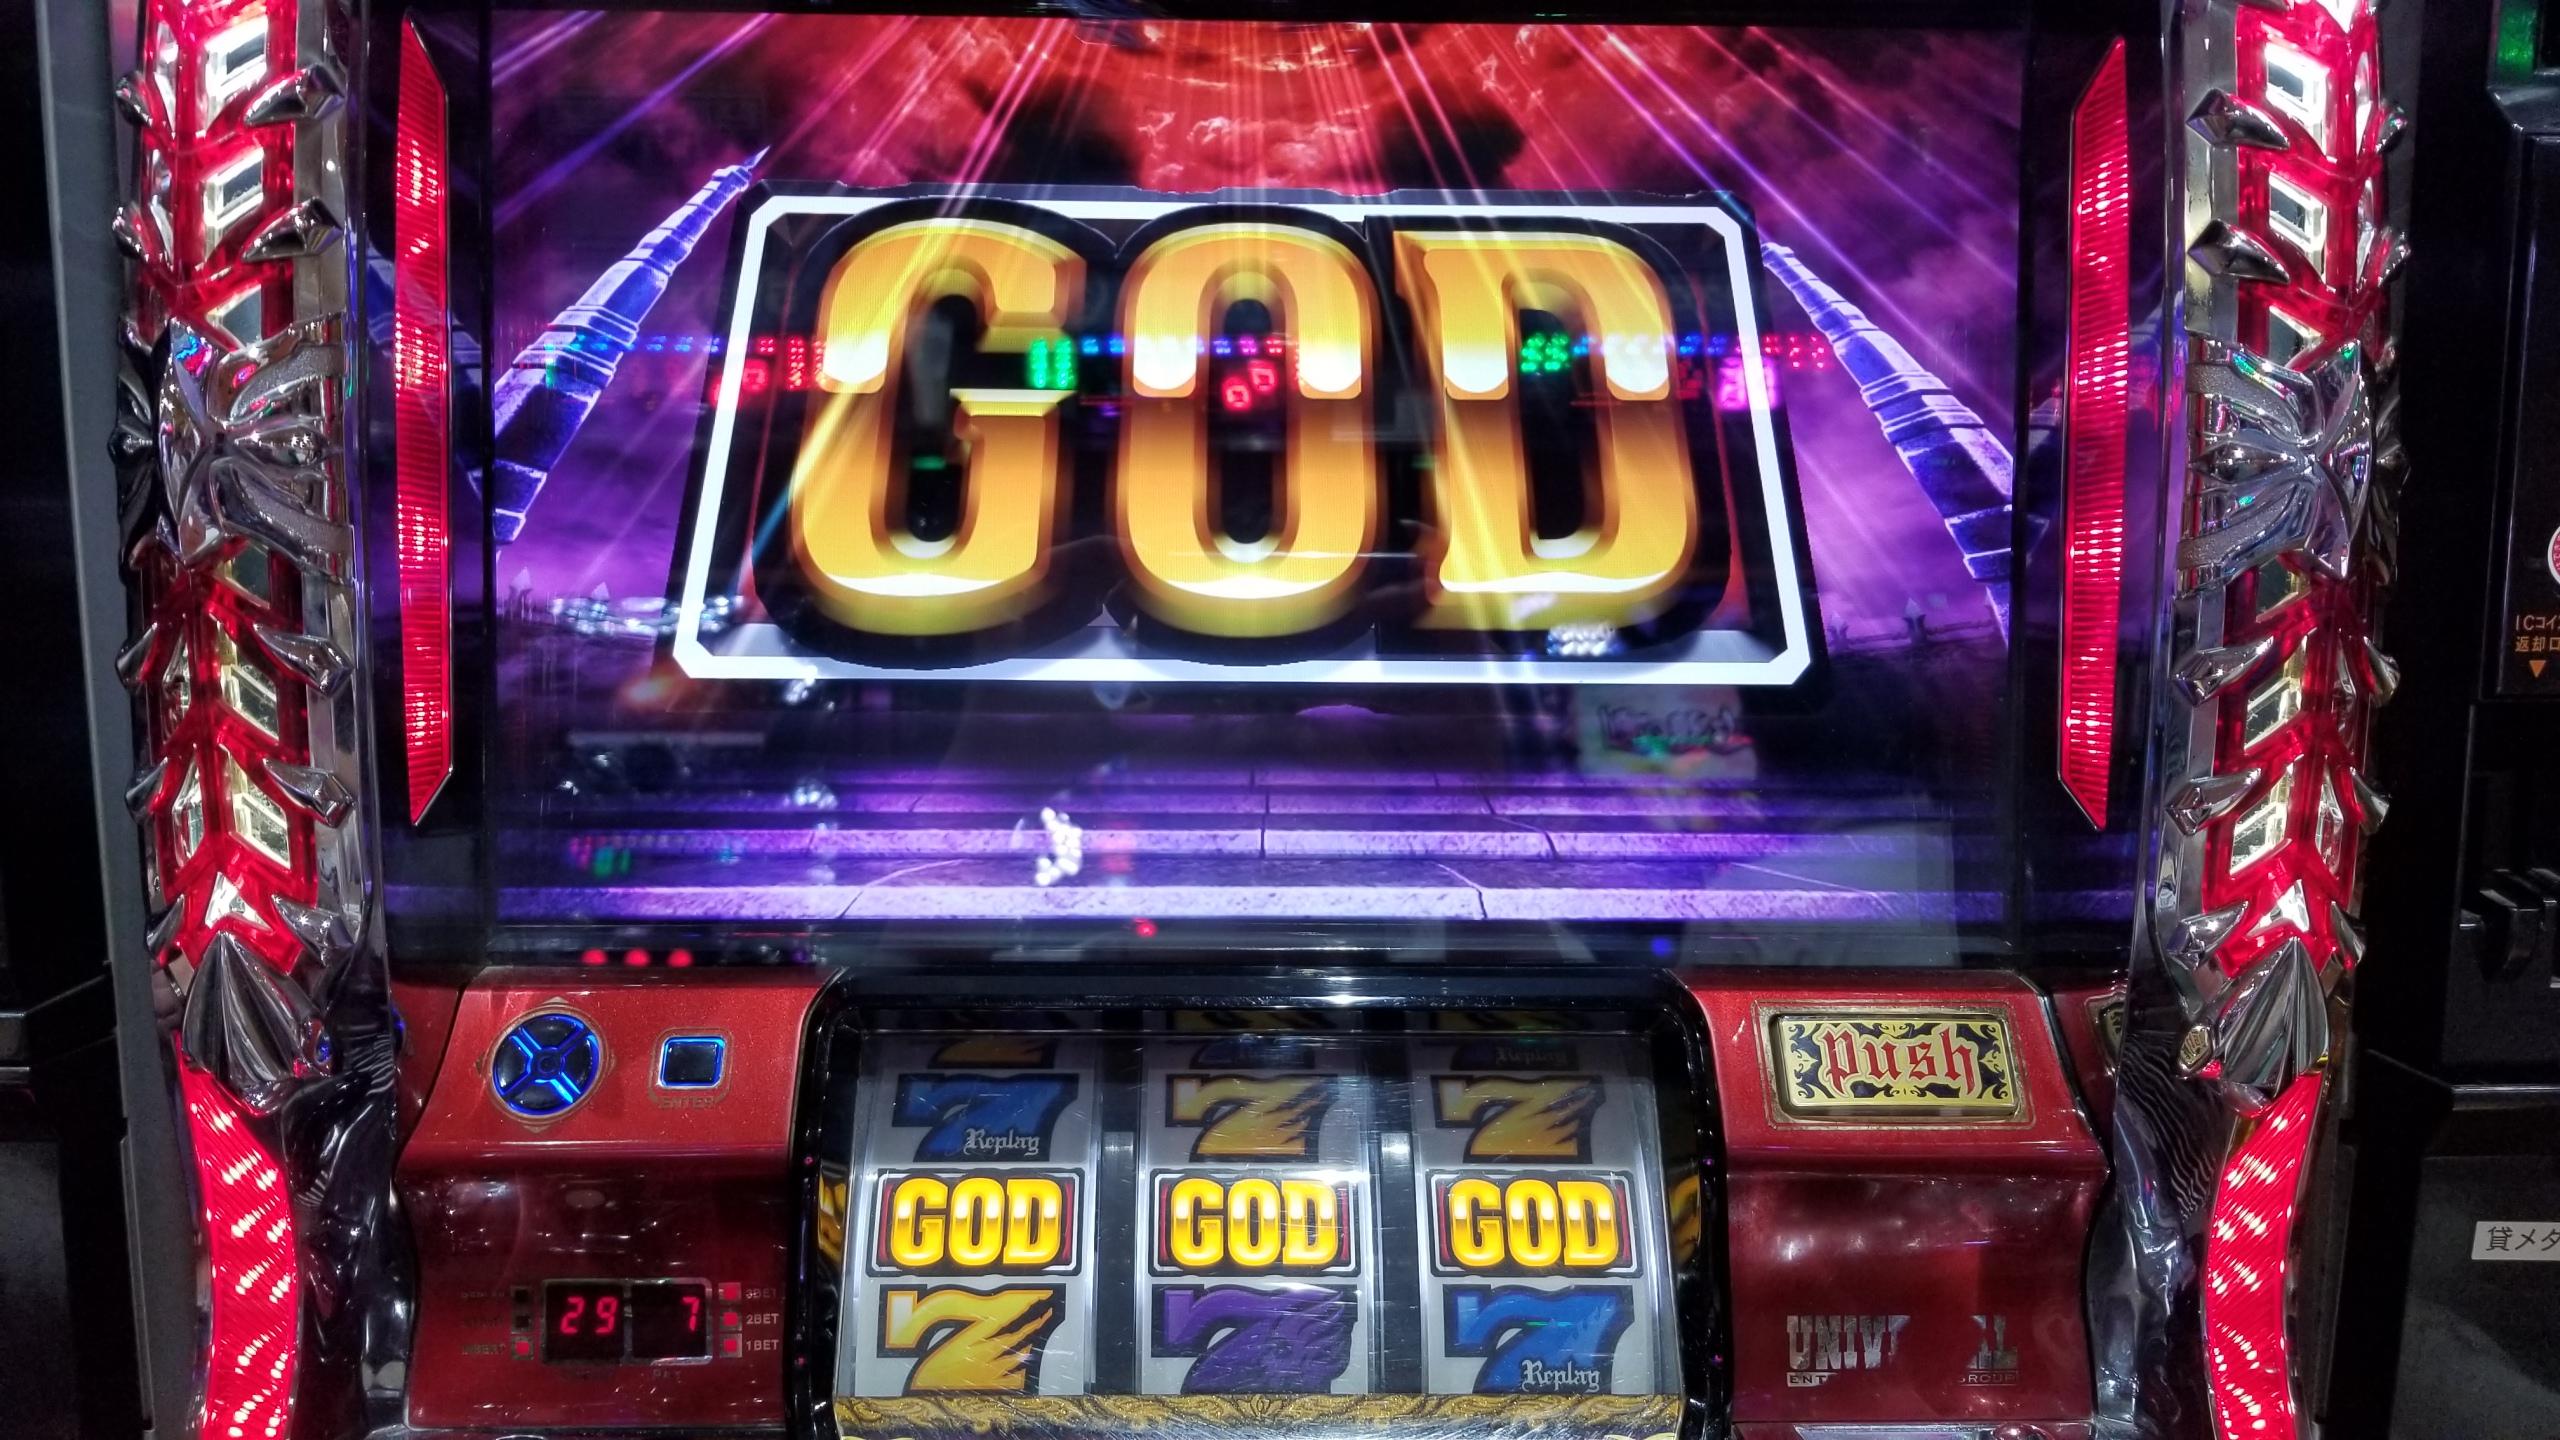 パチスロゴッド,GOD,5スロ,パチプロ生活,稼ぐ,勝てる,遊ぶ,趣味